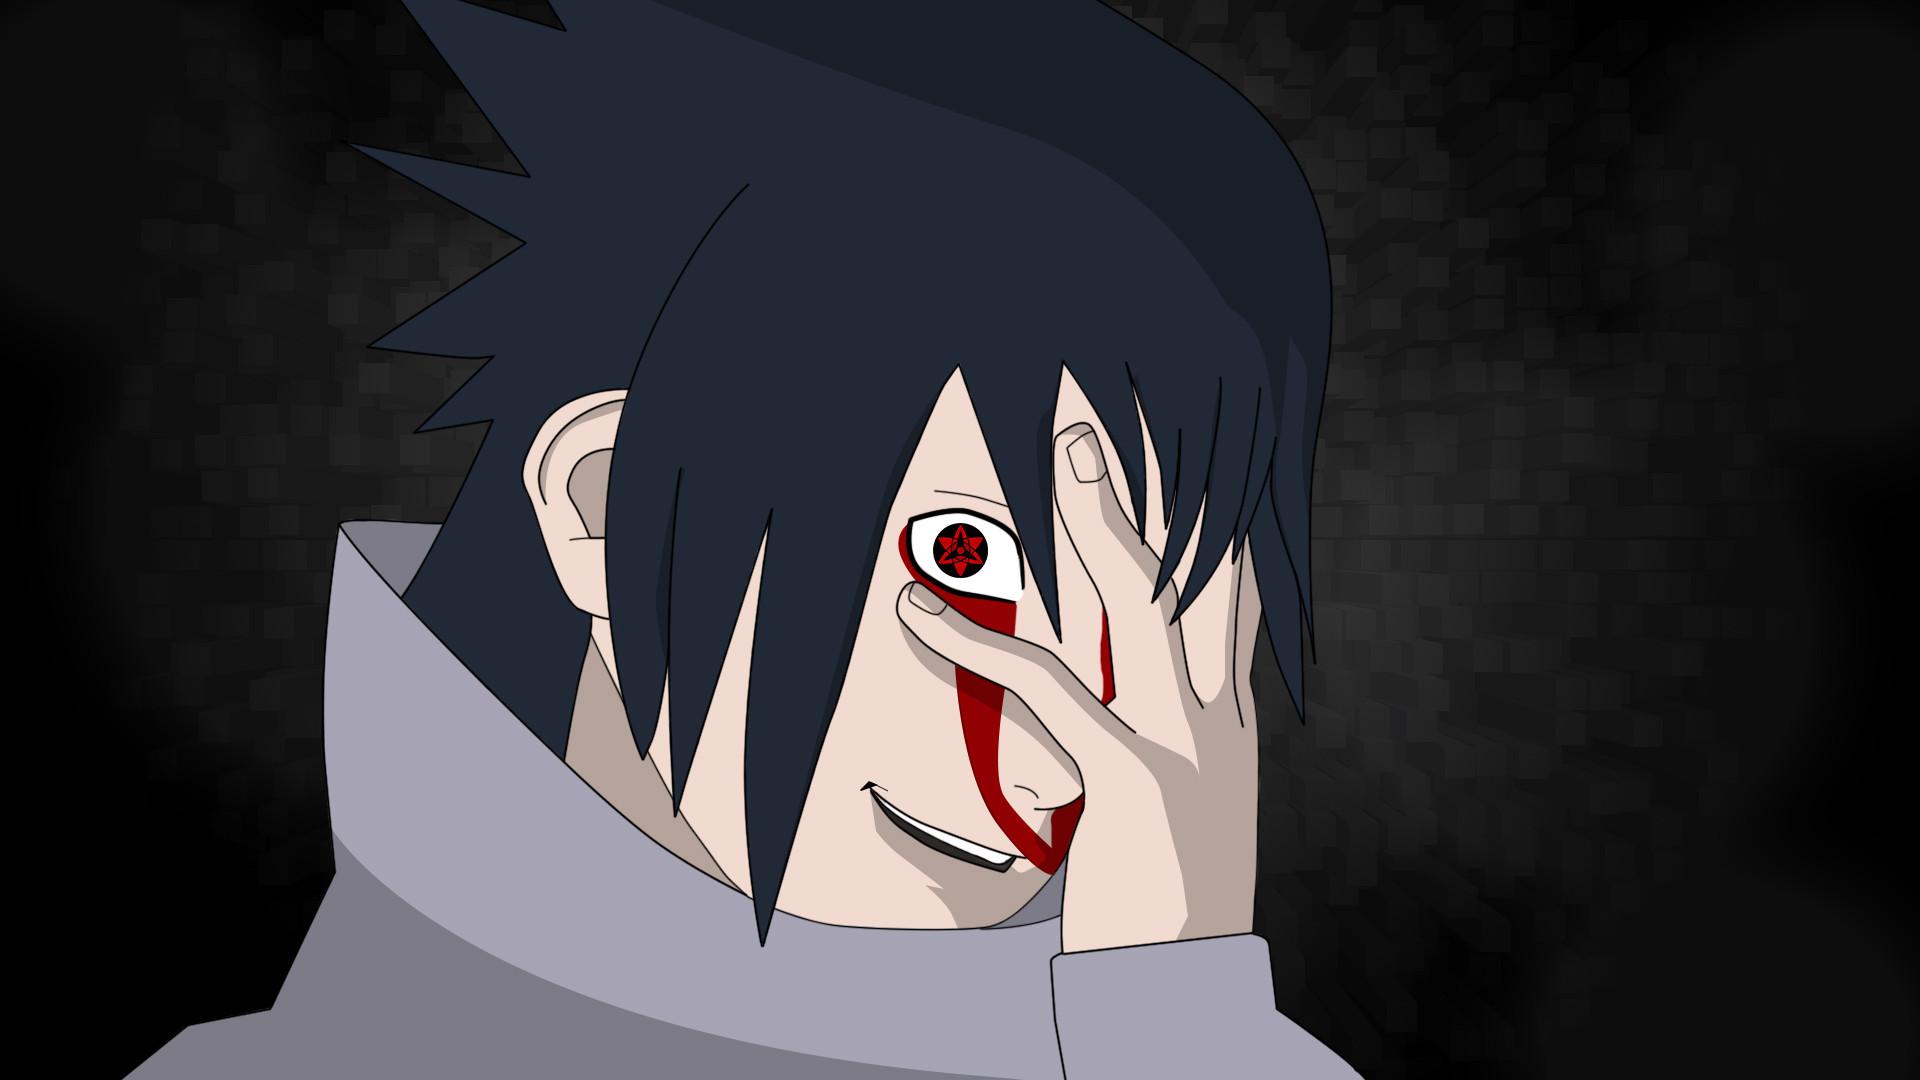 uchiha sasuke images wallpaper - photo #44